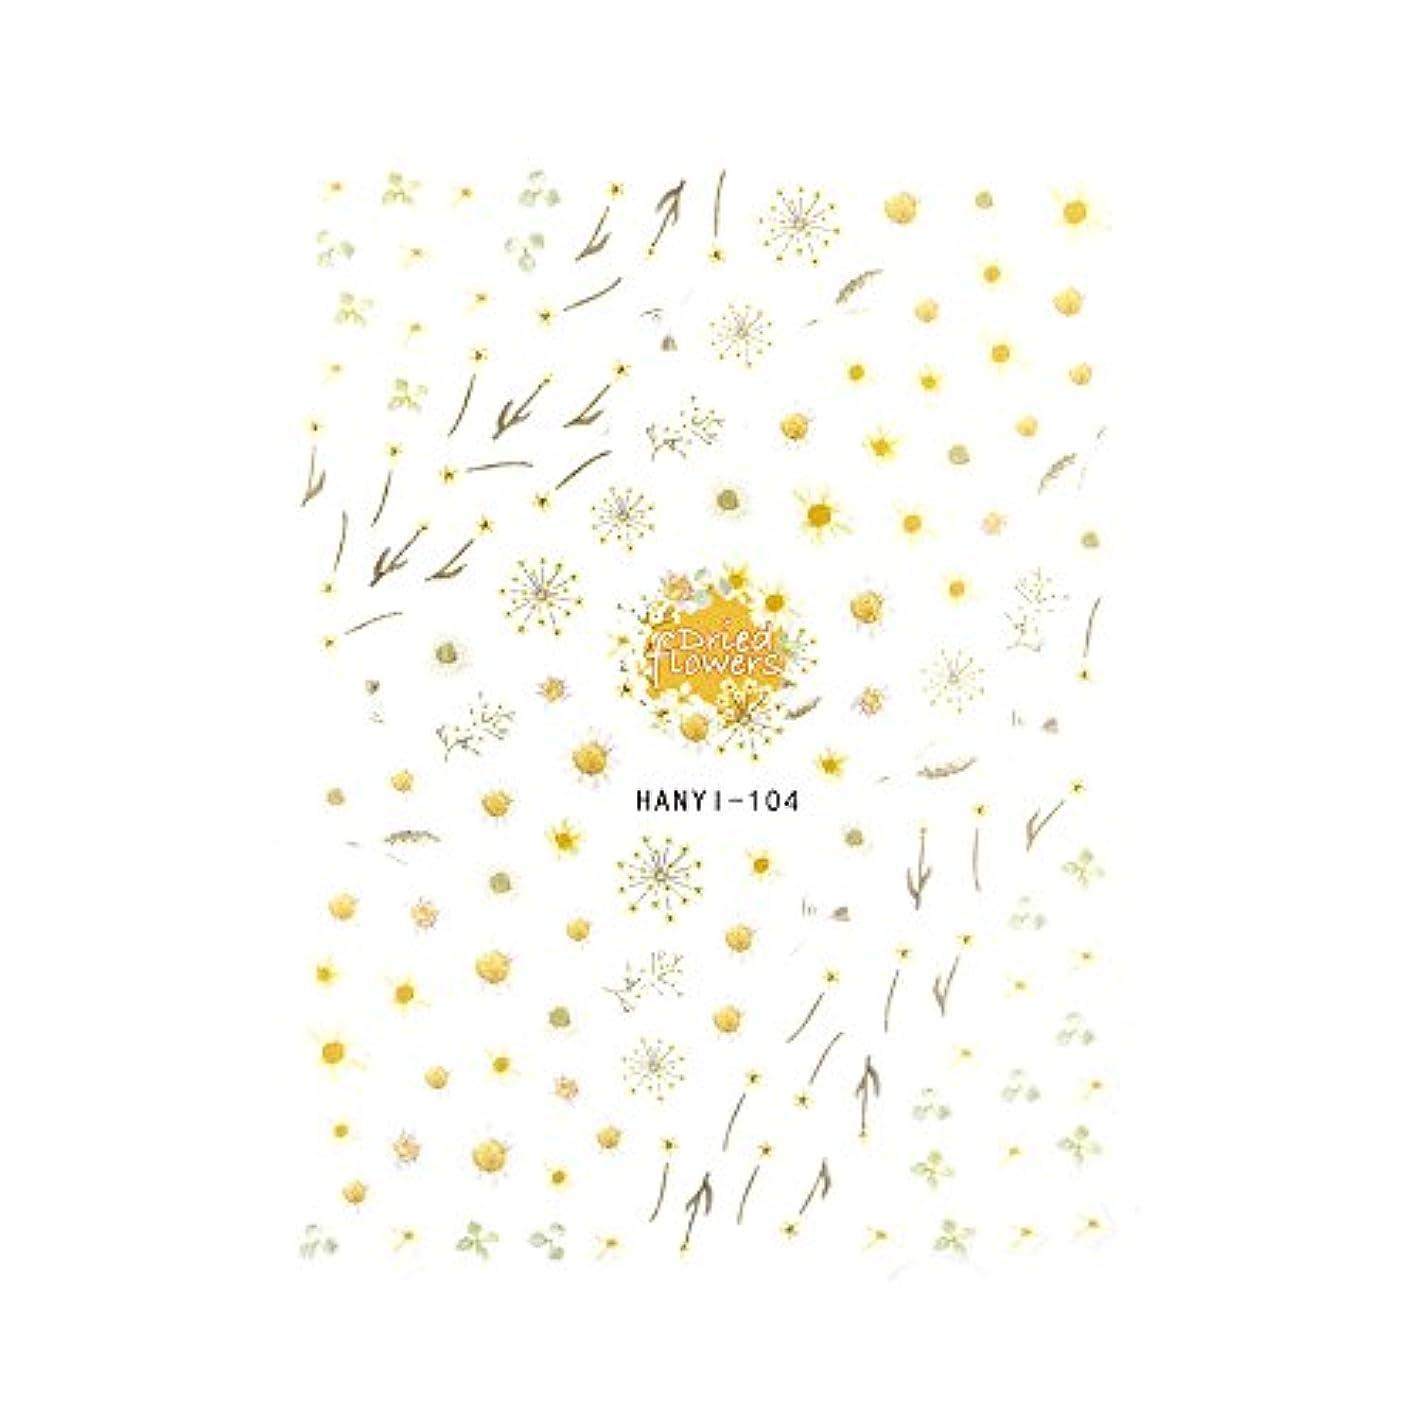 練る説教する植木【HANYI-104】アイボリードライフラワーシール ドライフラワーネイル 花柄ネイル フルール 春ネイル ニュアンスネイル 押し花